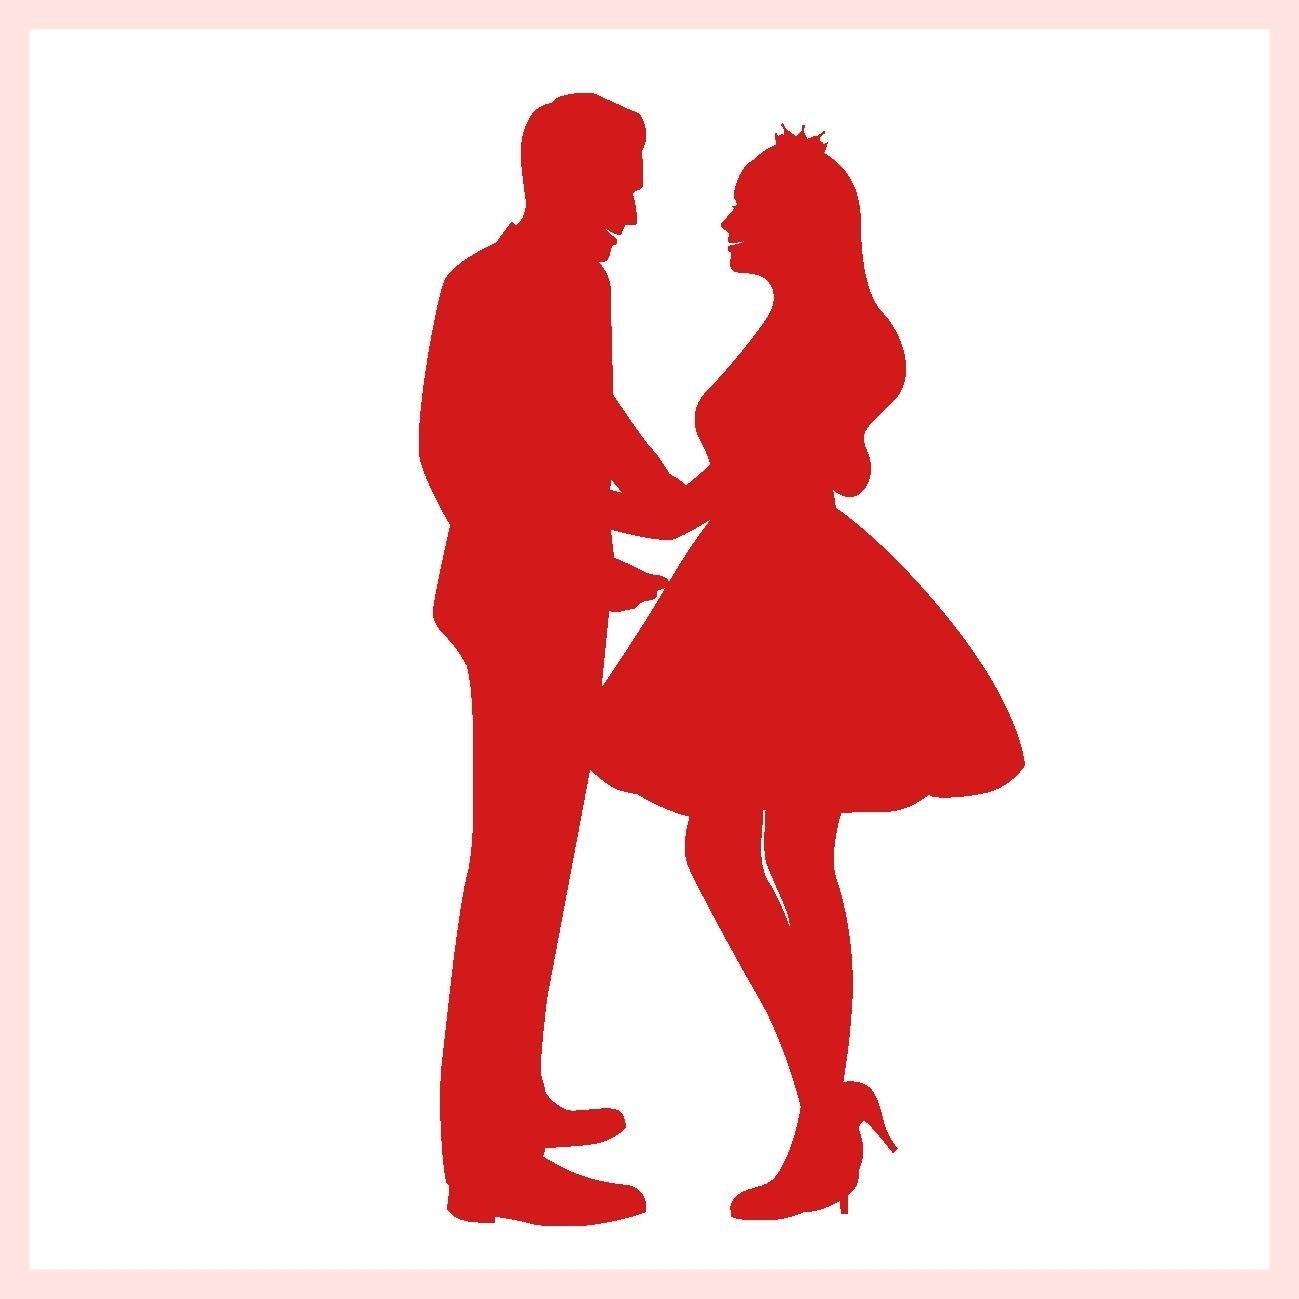 藤田真由美の結婚の馴れ初めは?性格や経歴、年収はいくら?